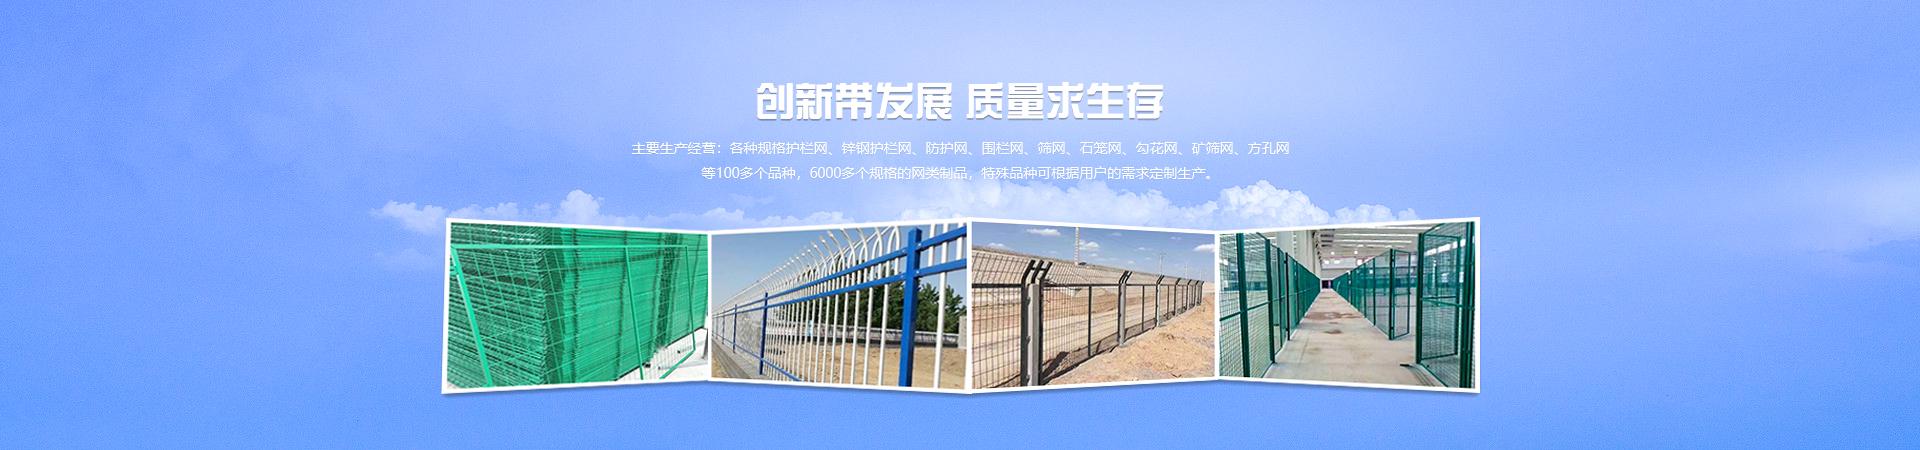 护栏网-围栏网-边坡防护网厂家选云南亿华工贸护栏网厂